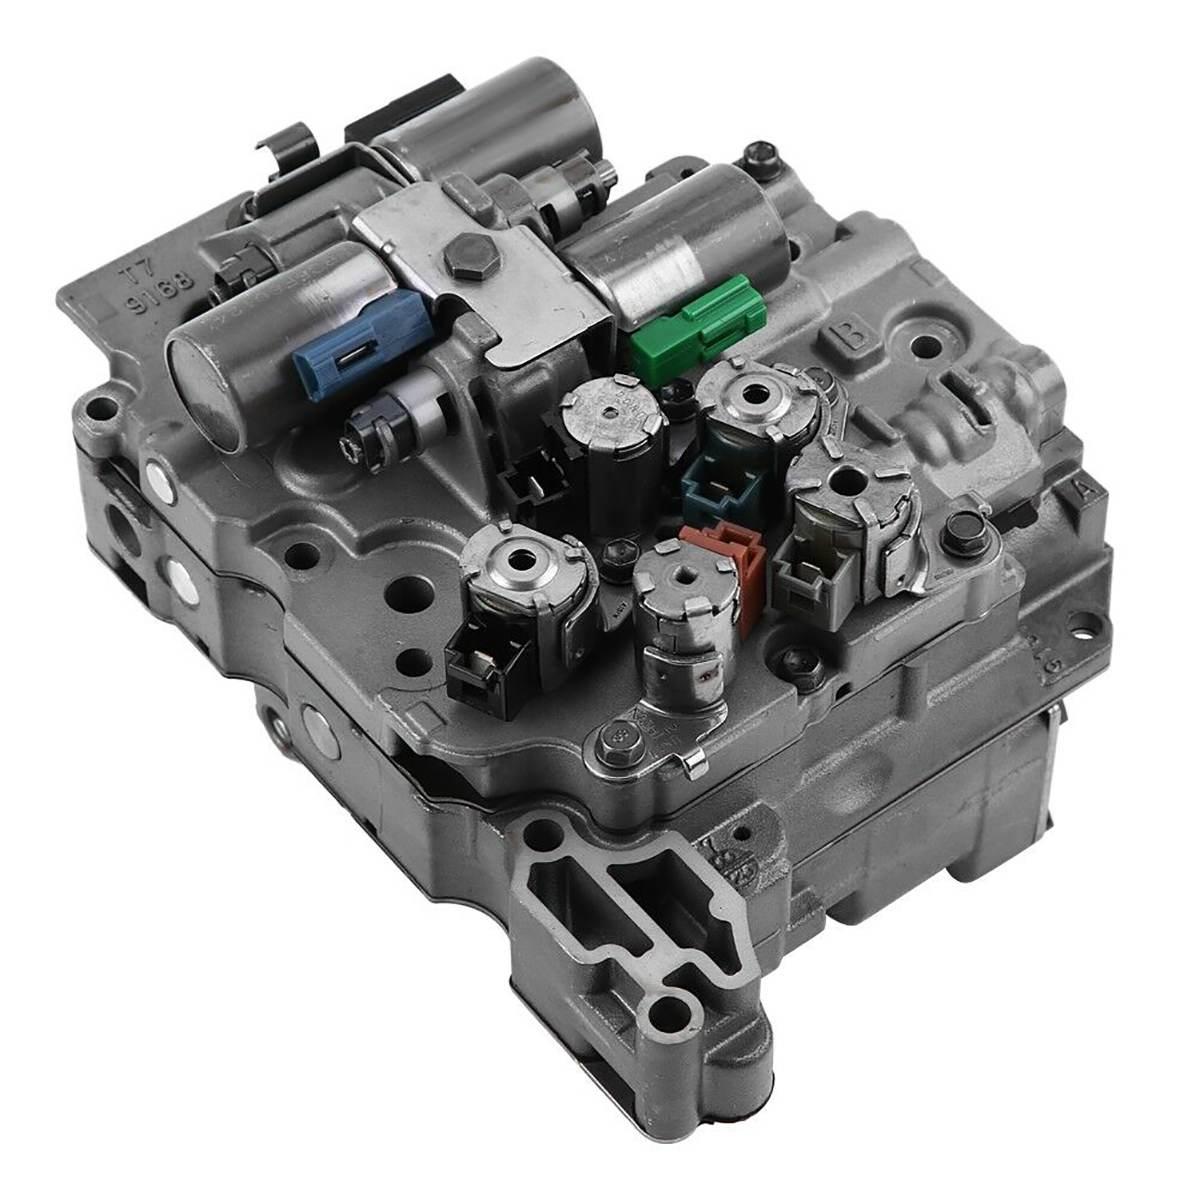 AW55-50SN/51SN corps de soupape de Transmission pour Volvo-Chevrolet Saab renault-saturn excellente stabilité mécanique métal + plastique